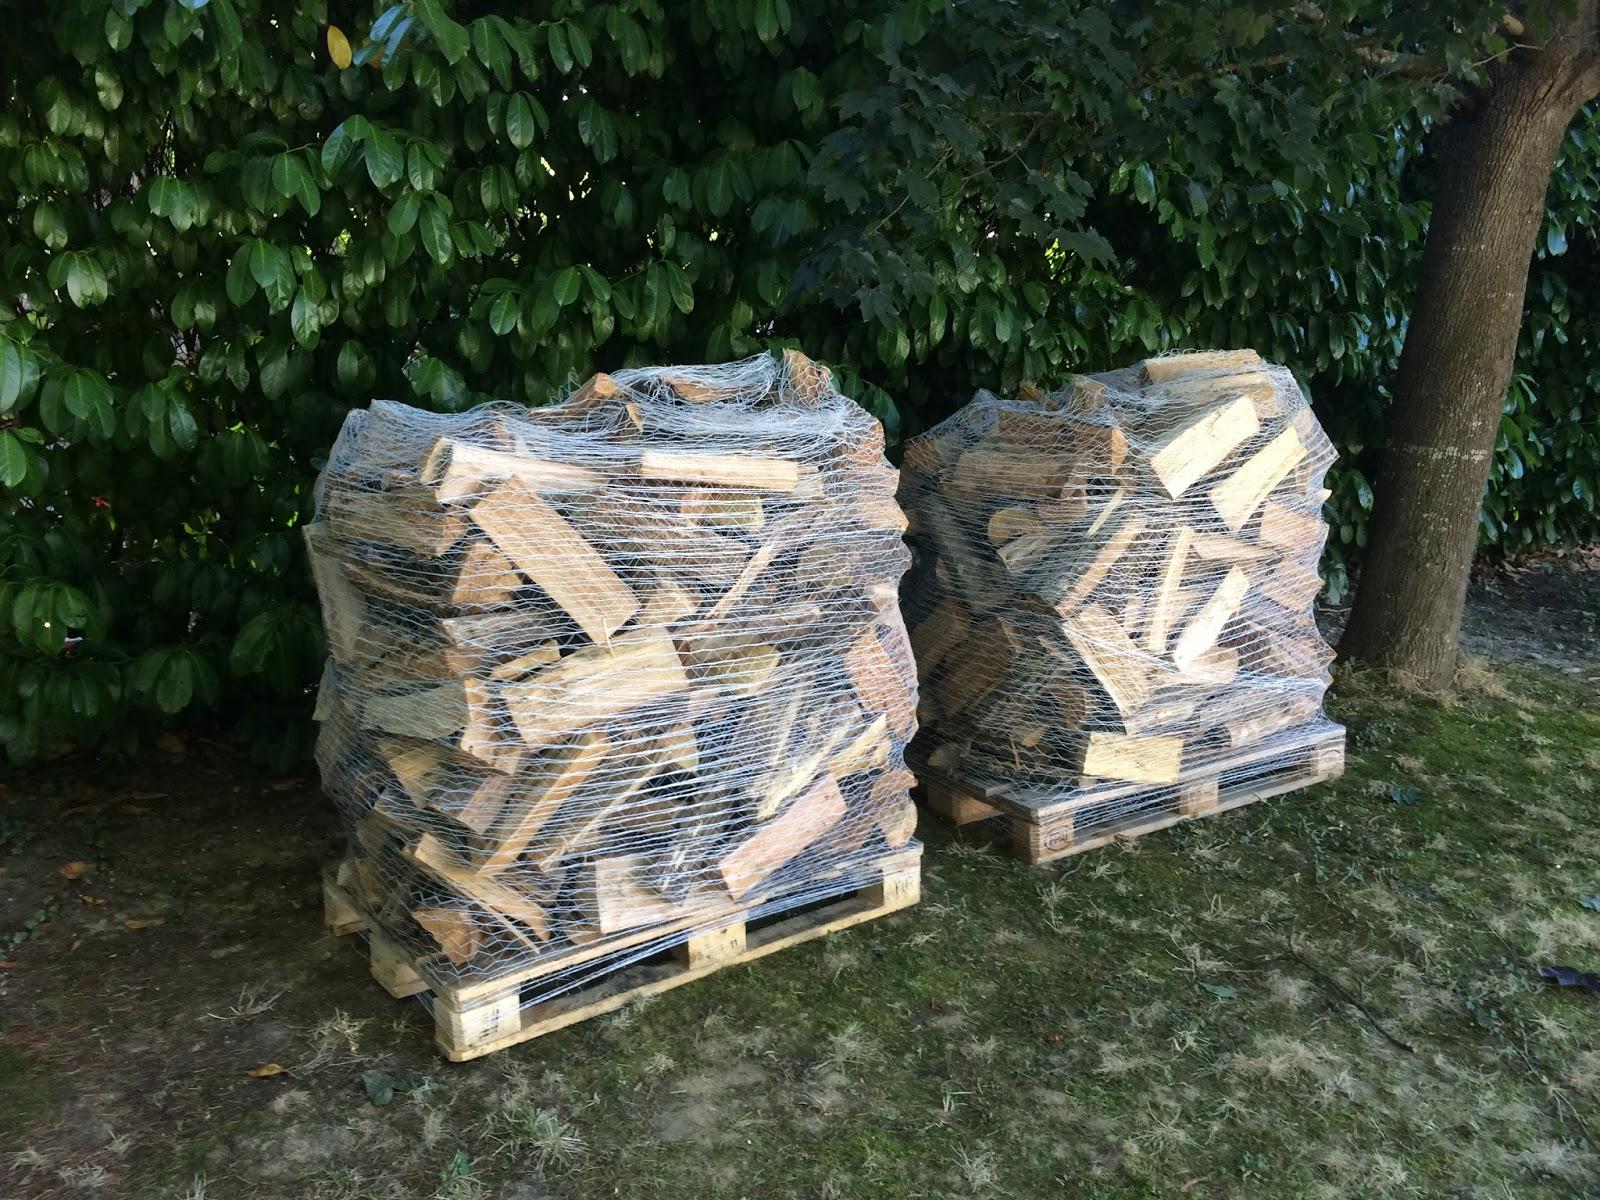 Bois de chauffage is re vente de bois de chauffage en is re bois b ches en palettes film es - Une stere de bois ...